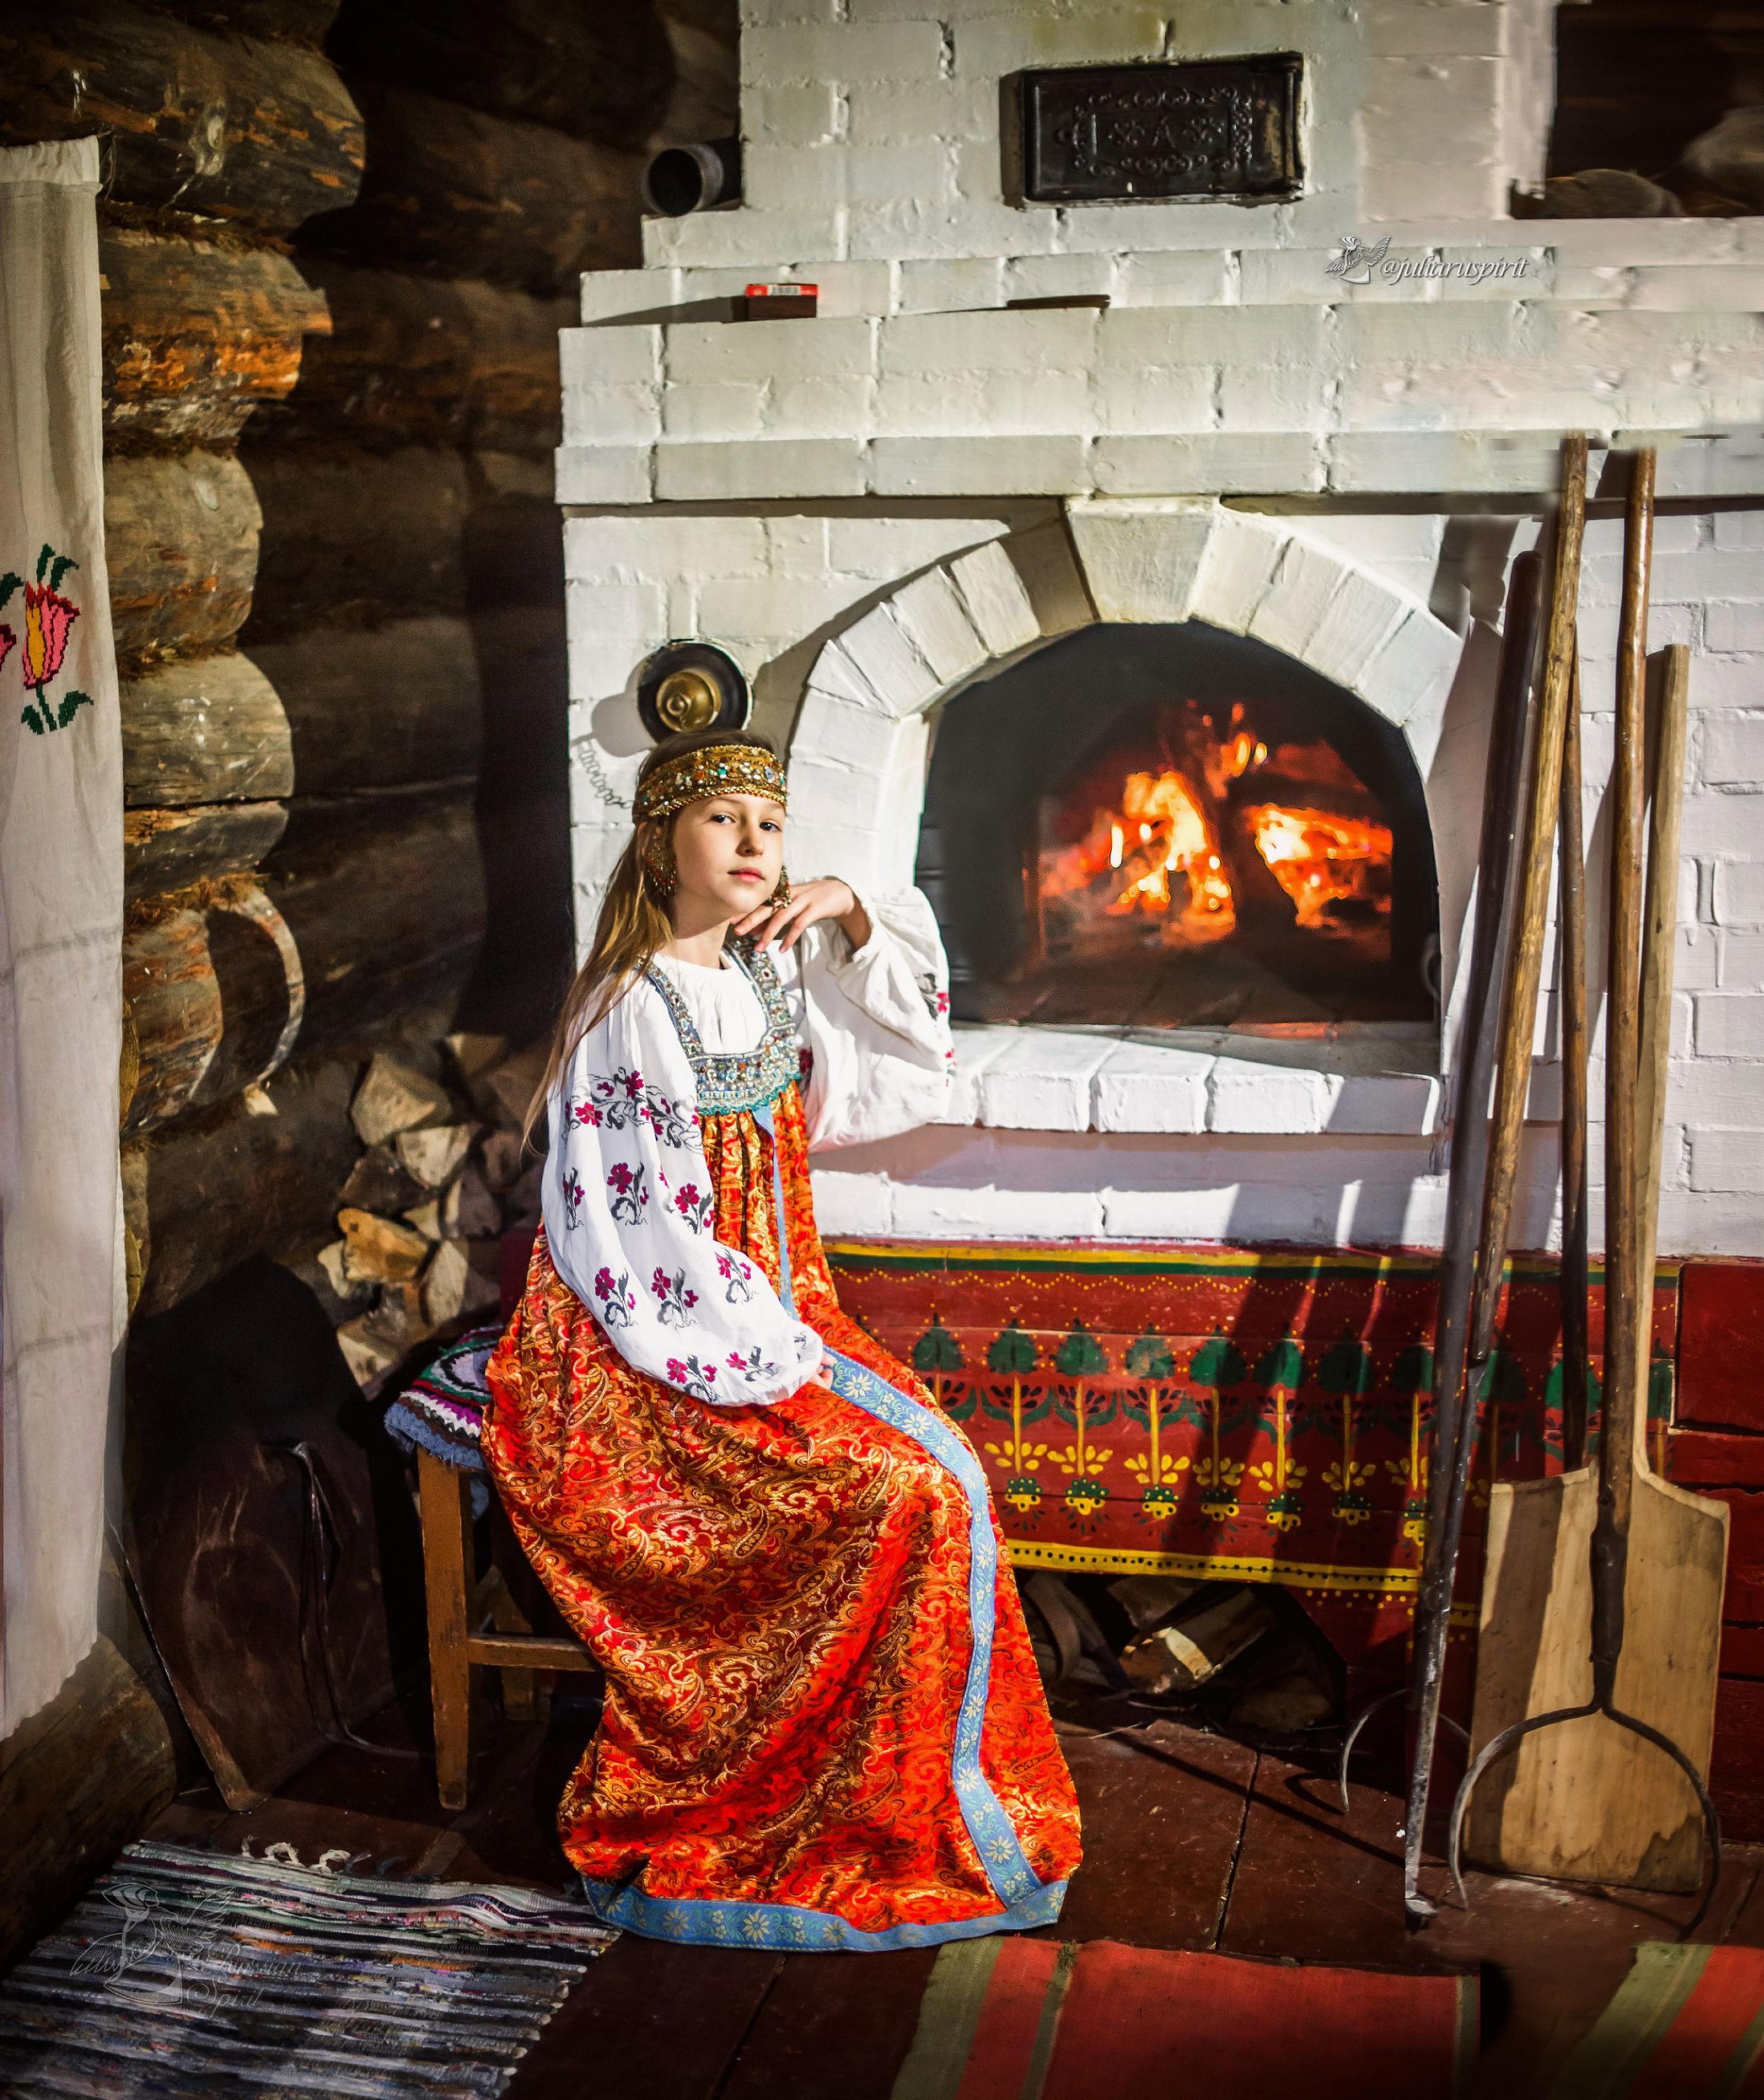 Девушка в платье в русском стиле на лавочке у настоящей русской печки